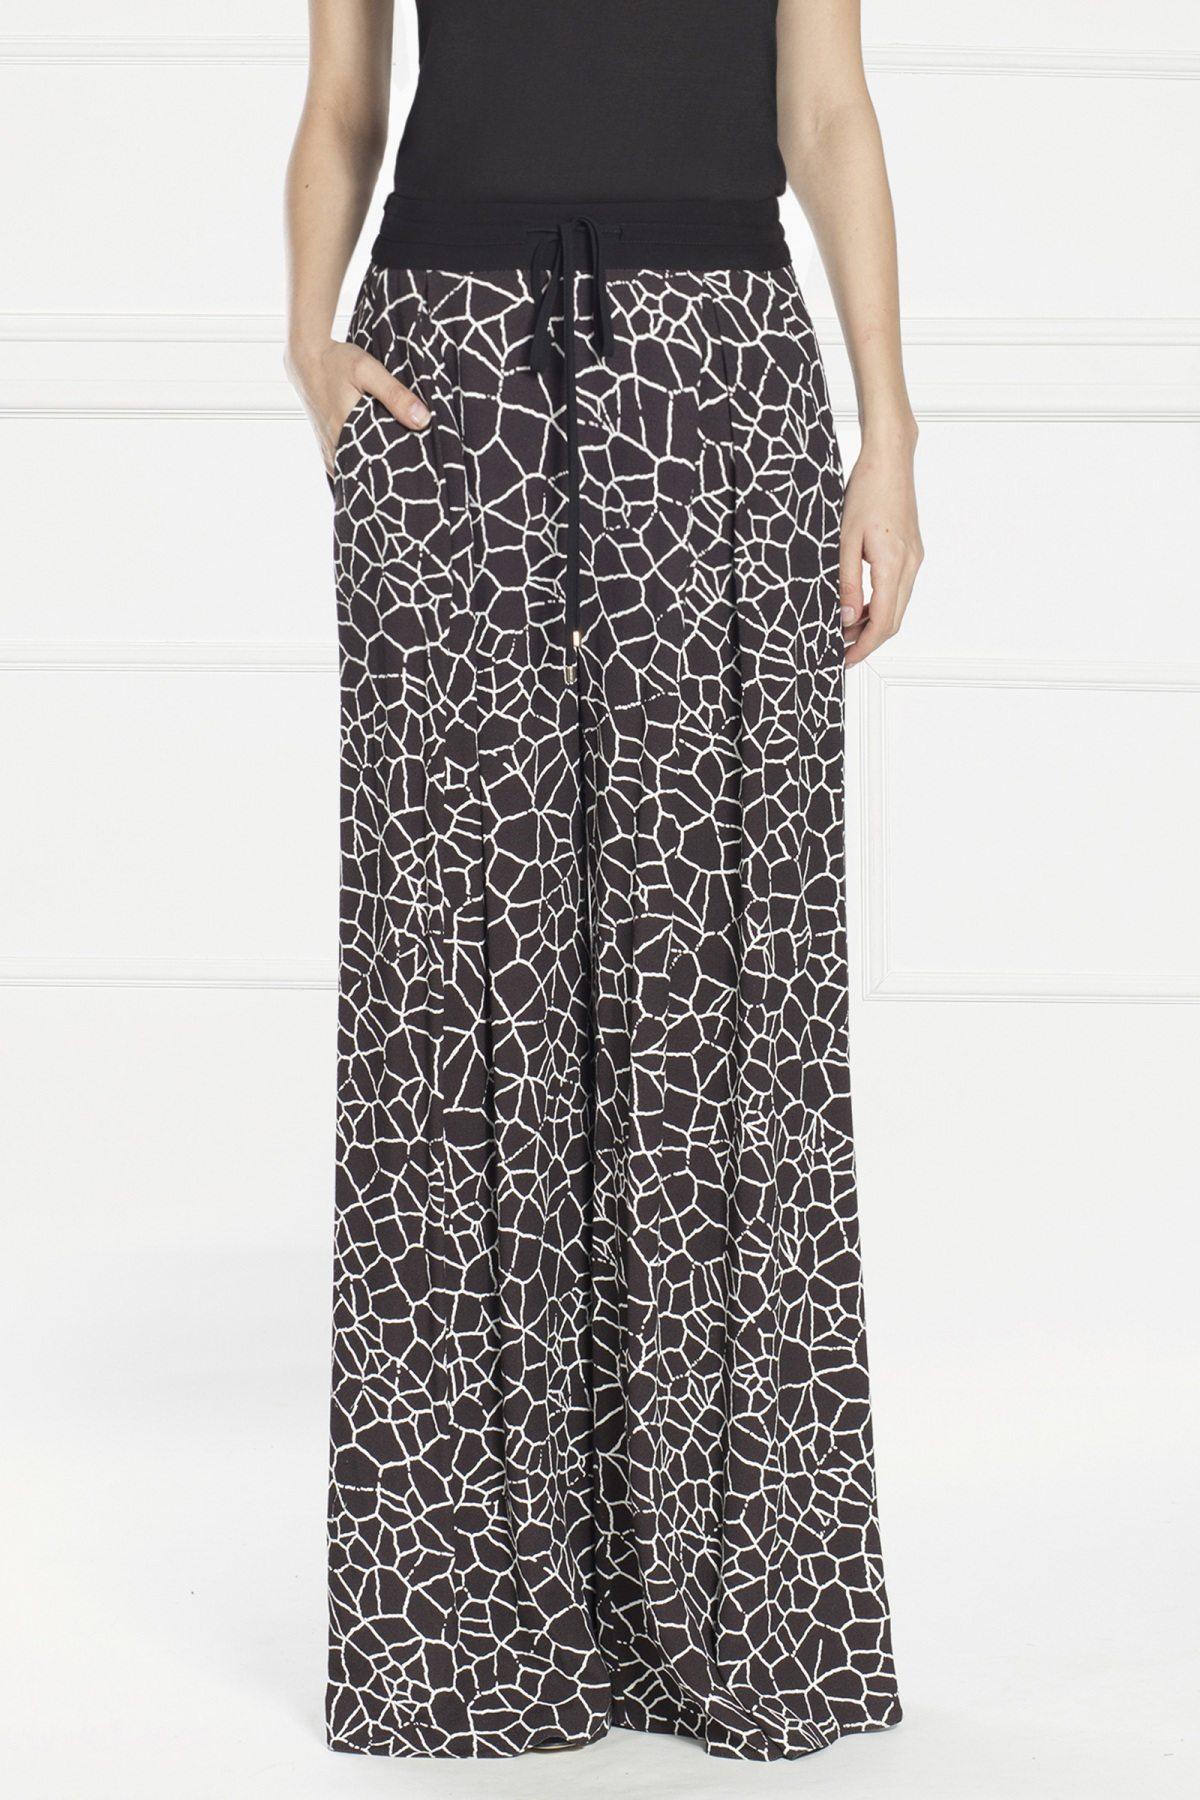 Pantaloni palazzo din tesatura silky touch Alb/Negru